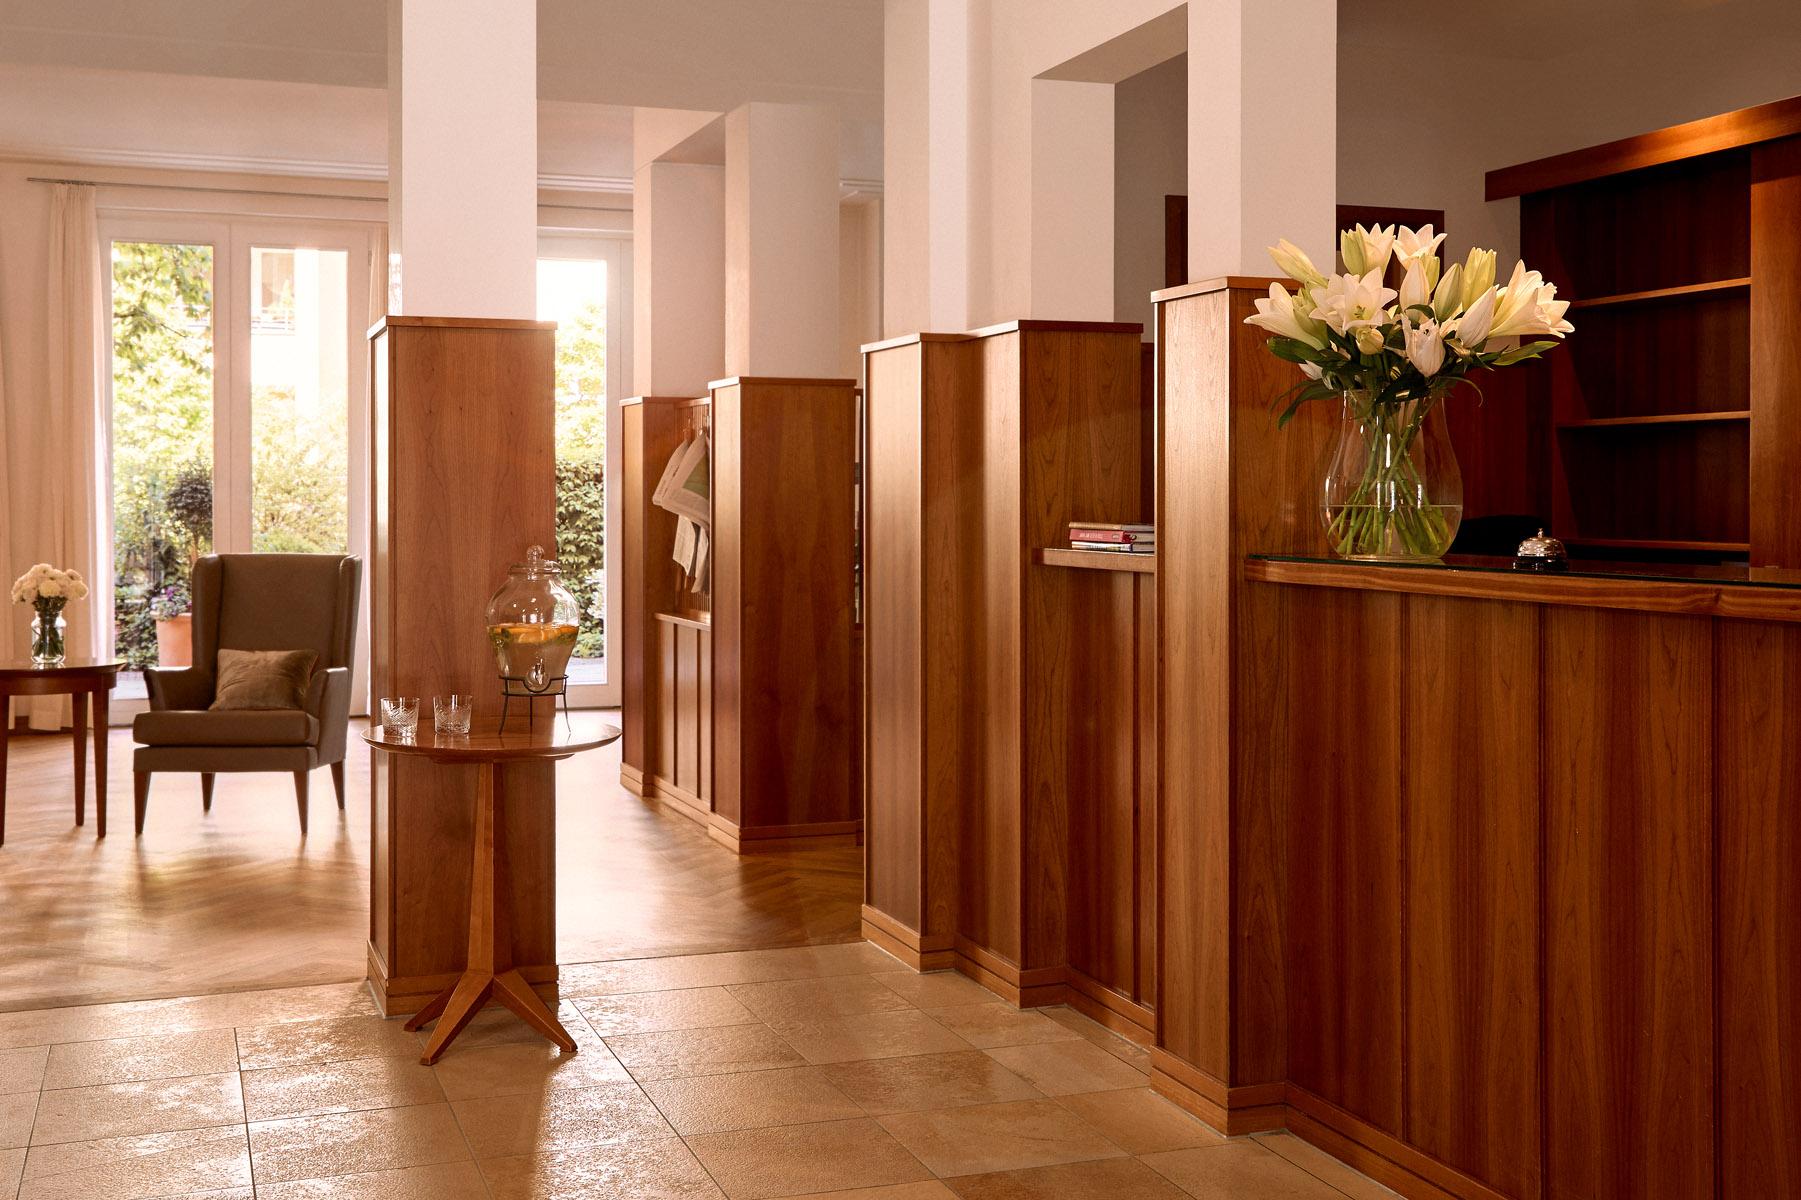 Das luxuriöse Foyer der Tertianum Premium Seniorenresidenz München